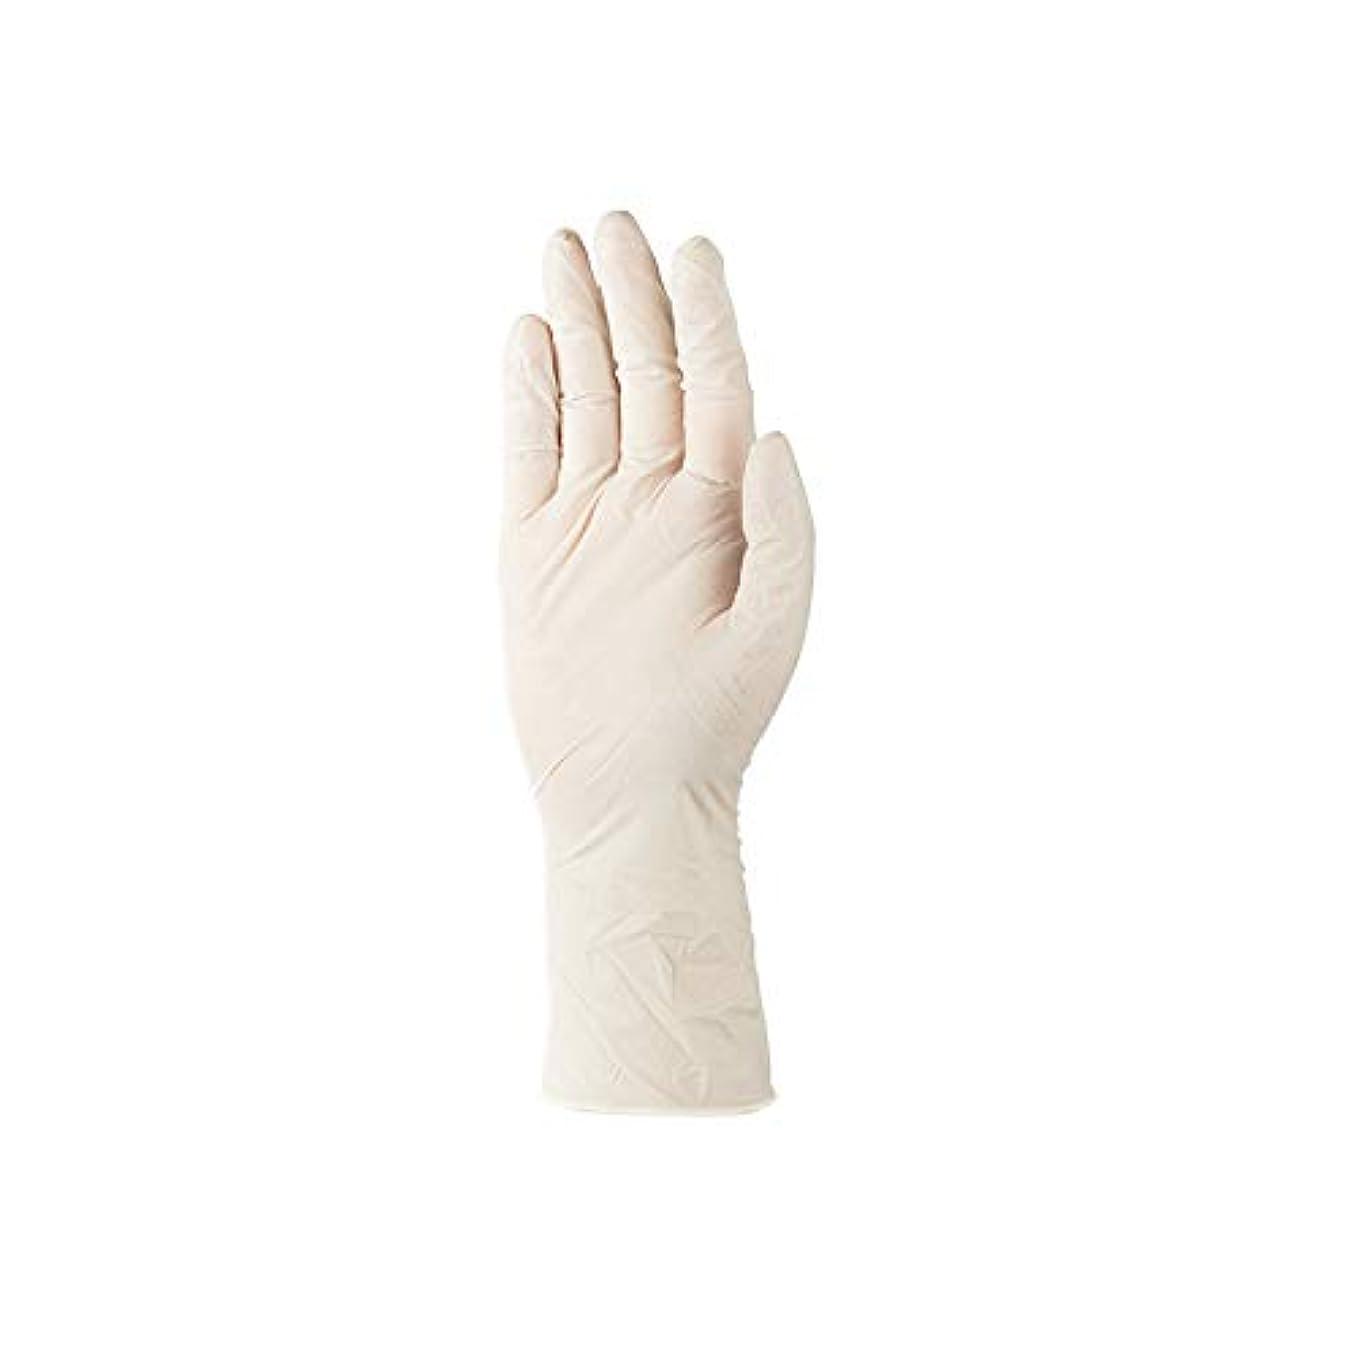 拮抗する怒って施設ニトリルラテックス使い捨て手袋ゴム製病院用手袋厚くケータリング家事歯科,White#1232,XS